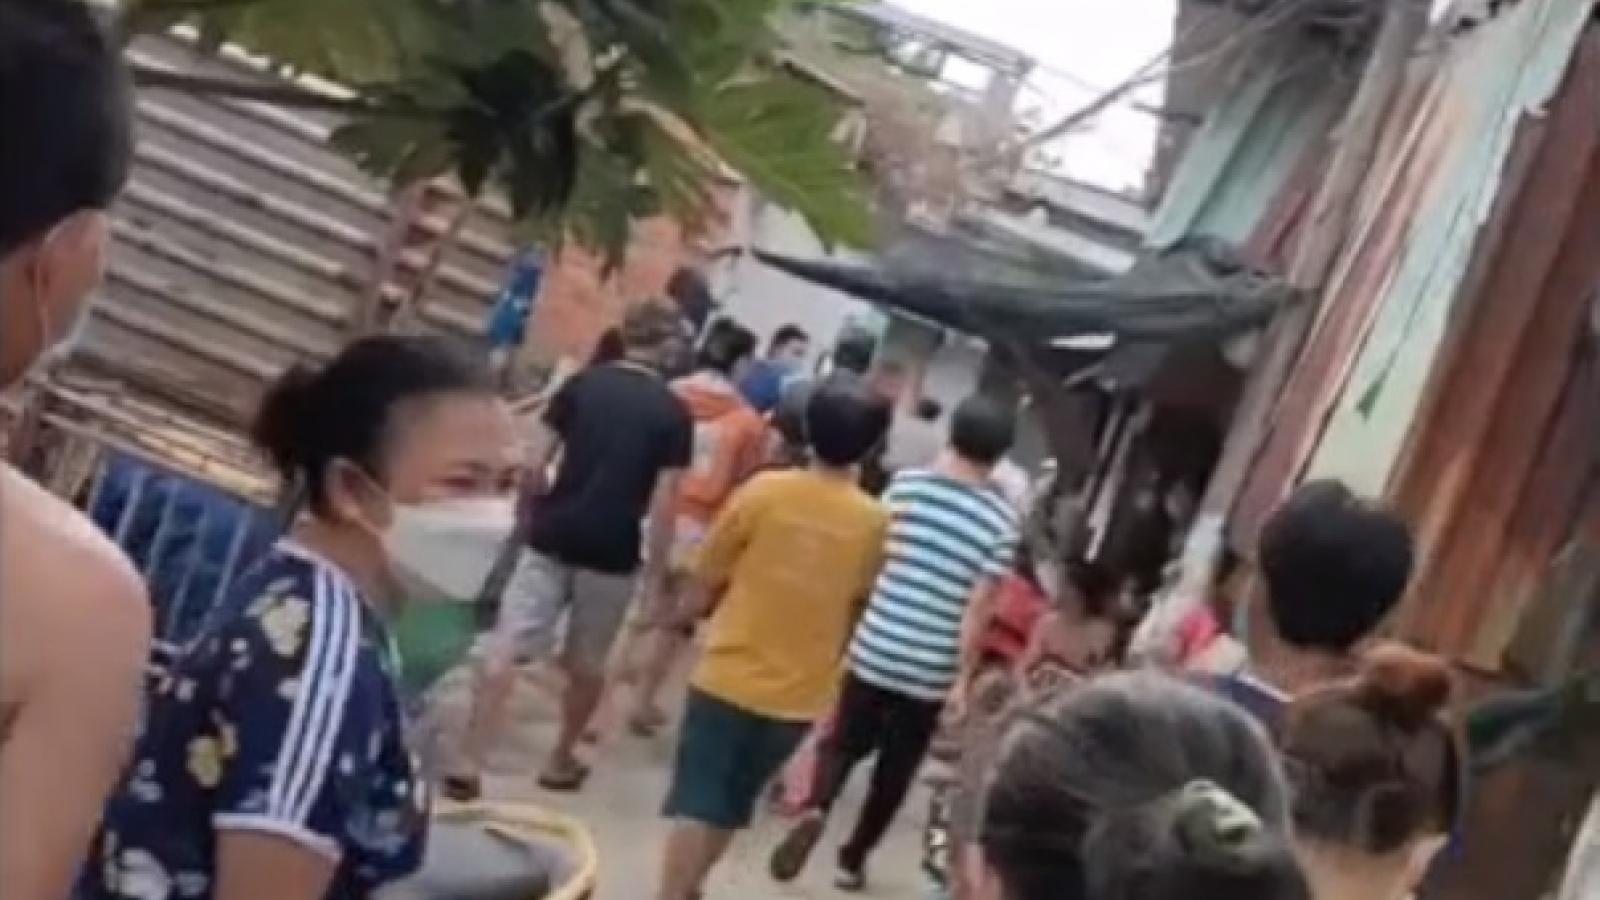 Thực hư đoạn clip trưởng ấp giấu hàng chục tấn gạo cứu trợ ở Bình Chánh, TP.HCM